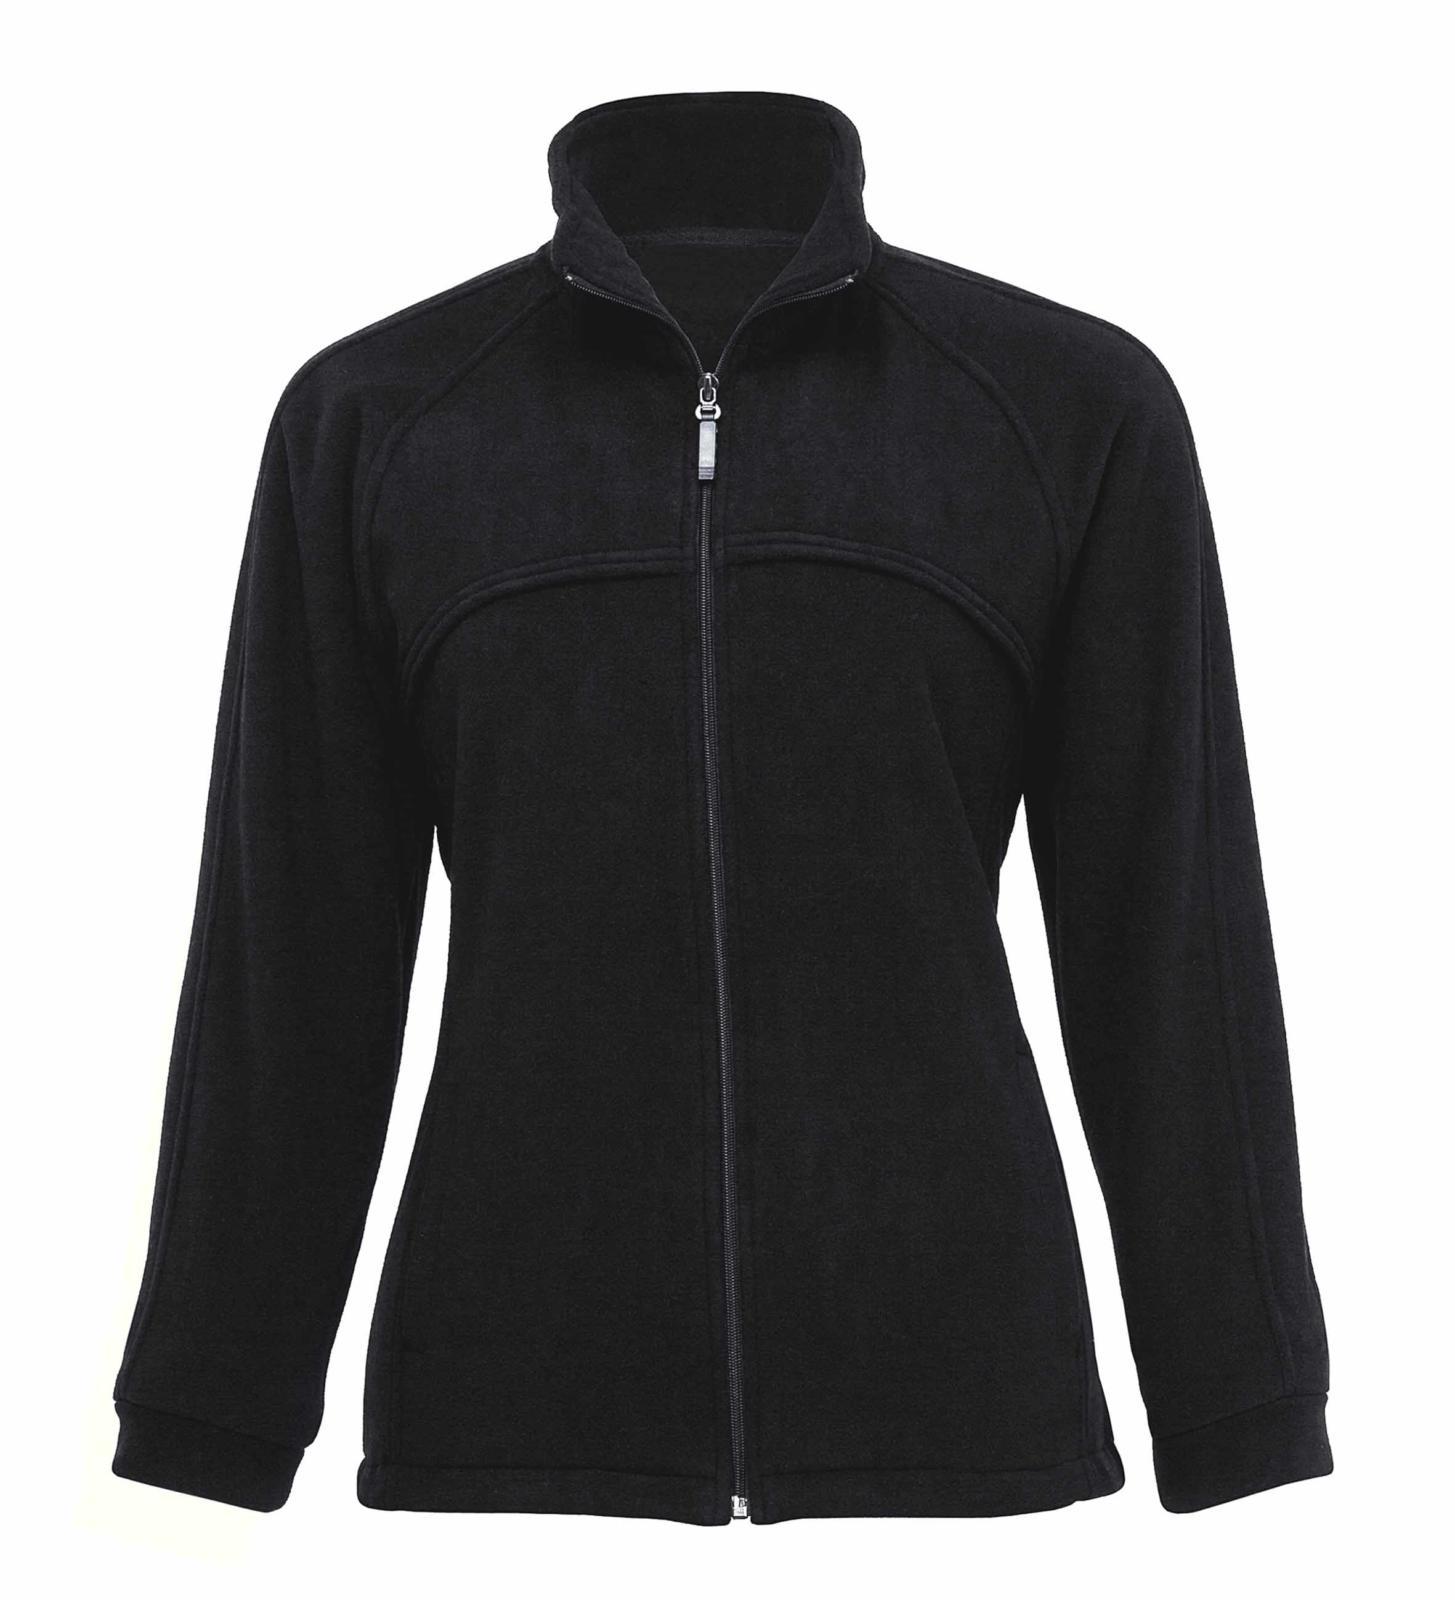 Womens Microfleece Jacket